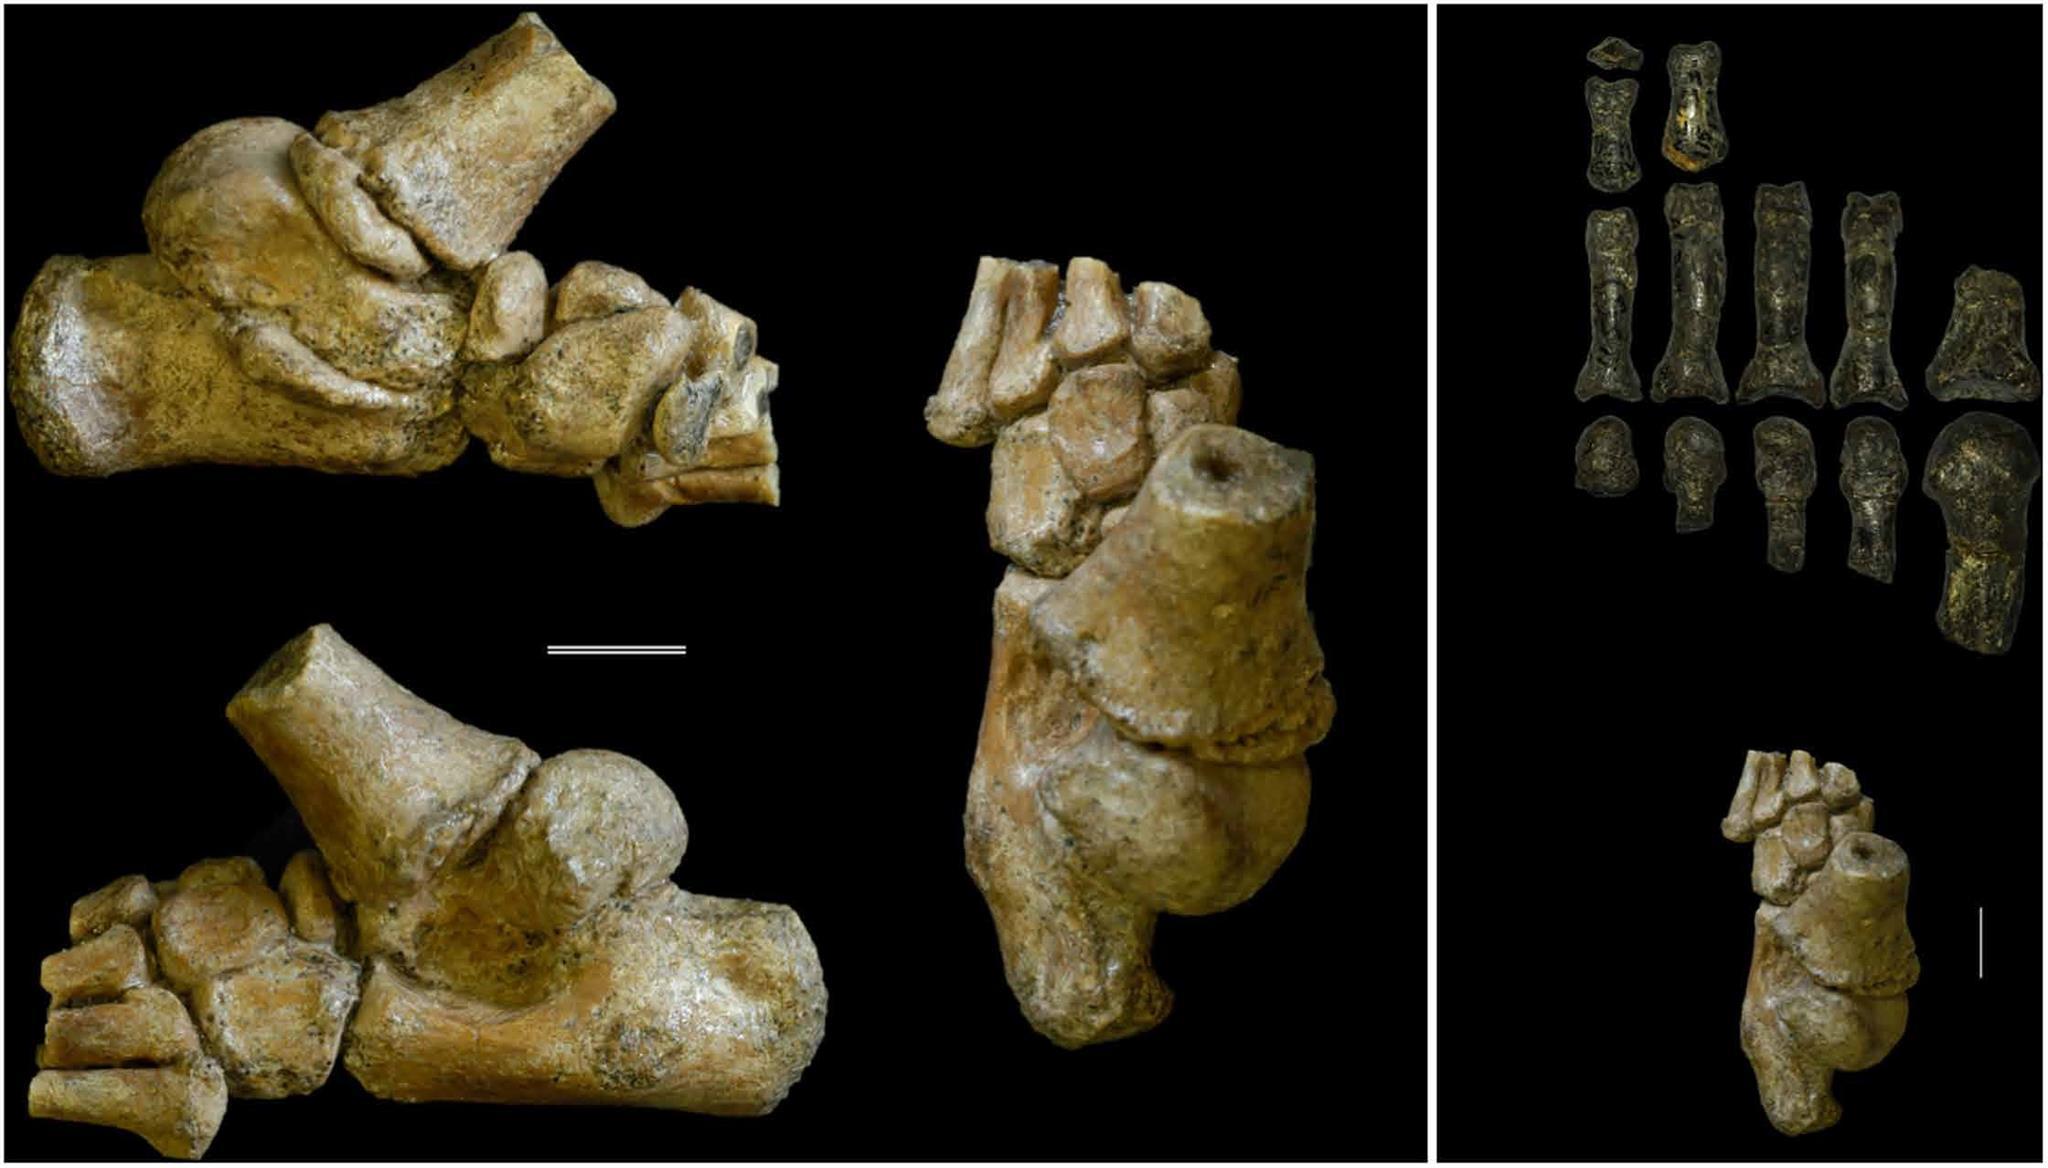 Слева— стопа DIK-1-1f вразных проекциях. Справа снизу— стопа DIK-1-1f (вид сверху), справа вверху— кости стопы взрослого австралопитека A.L. 333-115.